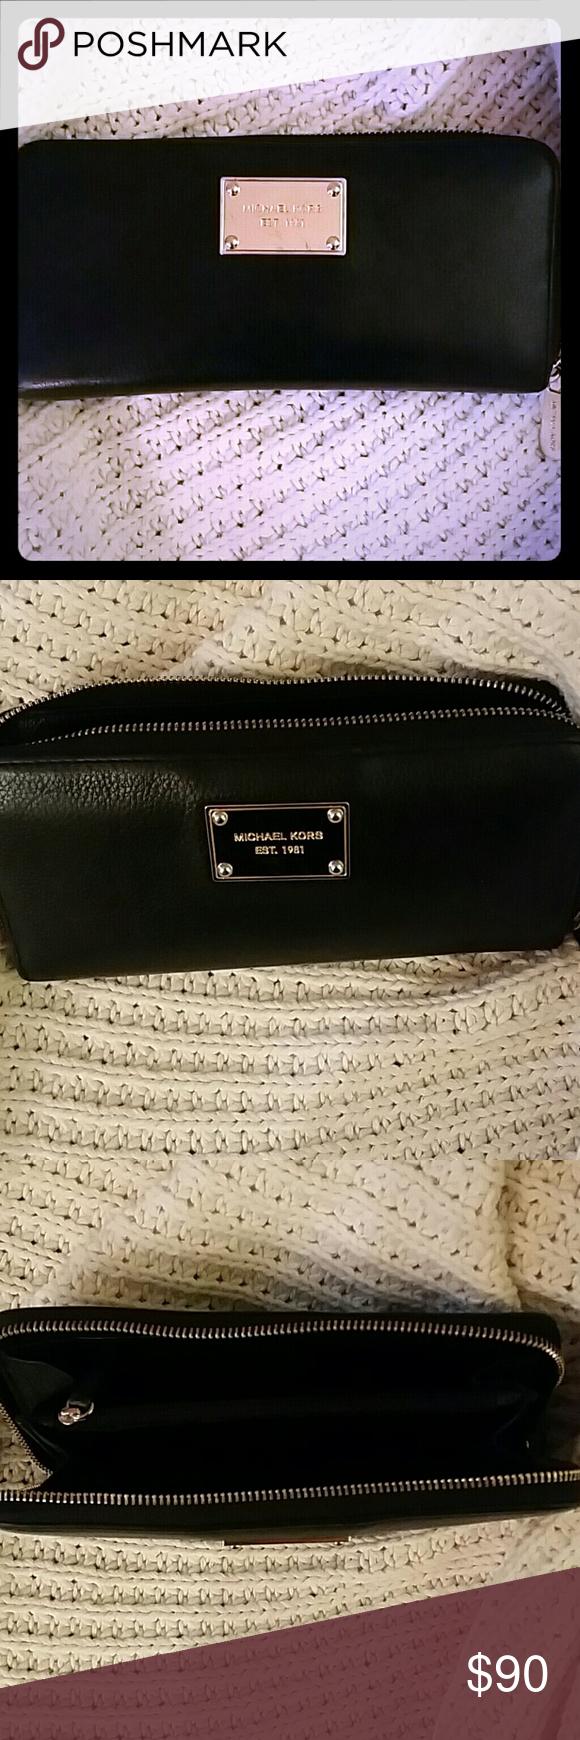 eb8a37079c74 Michael Kors Jet Set Black Large Leather Wallet Soft Black Leather MK jet  set wallet with